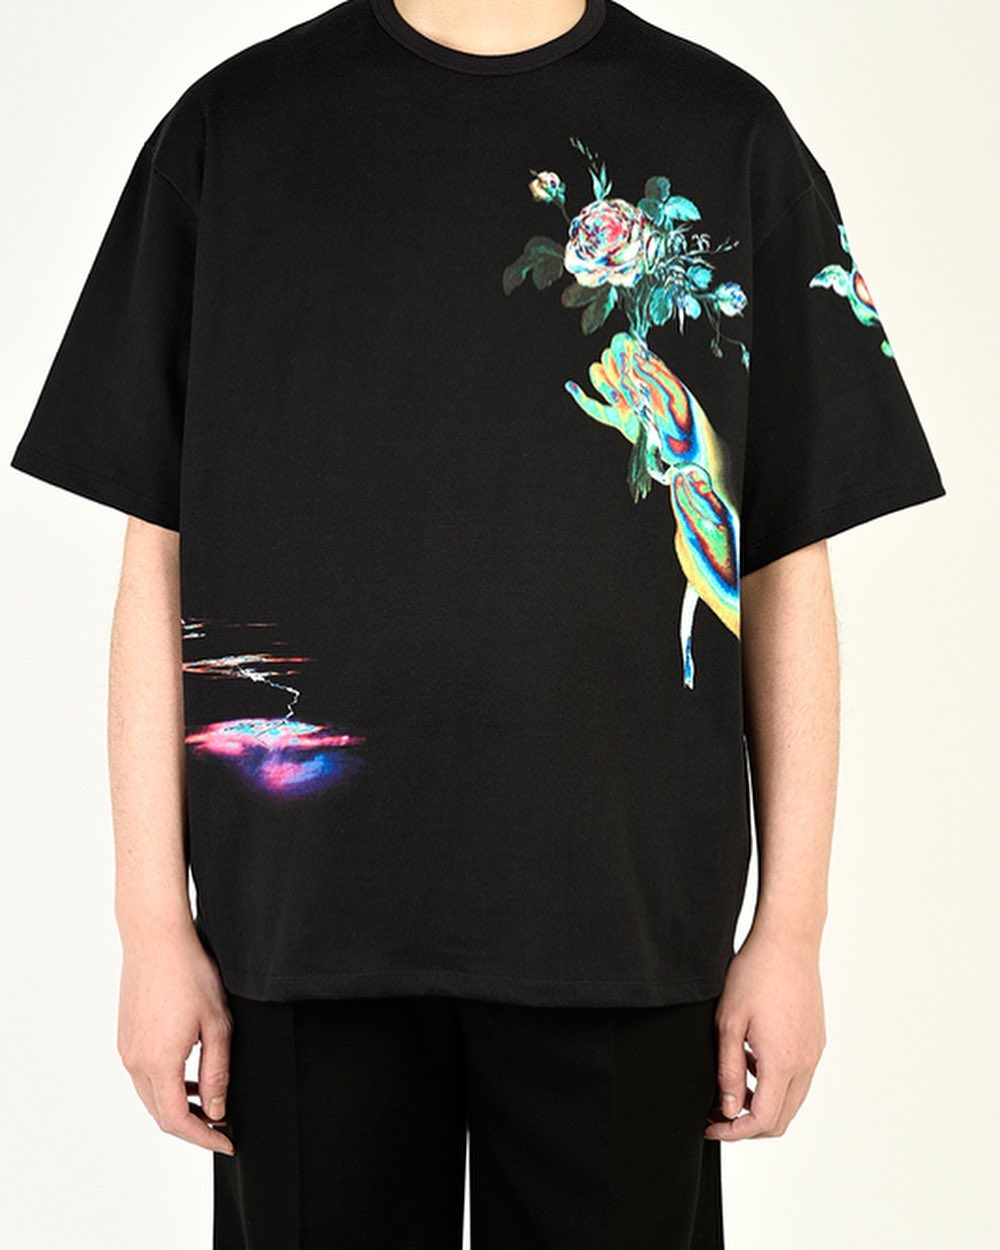 [新作紹介] LAD MUSICIAN ラッドミュージシャン BIG T-SHIRT ビッグTシャツ ソラリゼーション 2121-715LAD MUSICIAN の商品はALLEY OnlineShopにてご購入頂けます。ALLEY Online Shopは、プロフィールのリンクからご覧頂けます。お問い合わせもございましたら、サイトからお気軽にご連絡ください。会員ポイント3%還元初回特典1100ポイント#ladmusician #ラッドミュージシャン #alleyonlineshop #alleycompany #mensfashion #メンズファッション #streetfashion #ストリートファッション #selectshop #セレクトショップ #mensselectshop #メンズセレクトショップ #mood #instafashion #fashiongram #正規取扱店 #ファッション通販 #通販サイト #ネットショップ #栃木 #宇都宮 #tシャツ #bigtee #tshirt